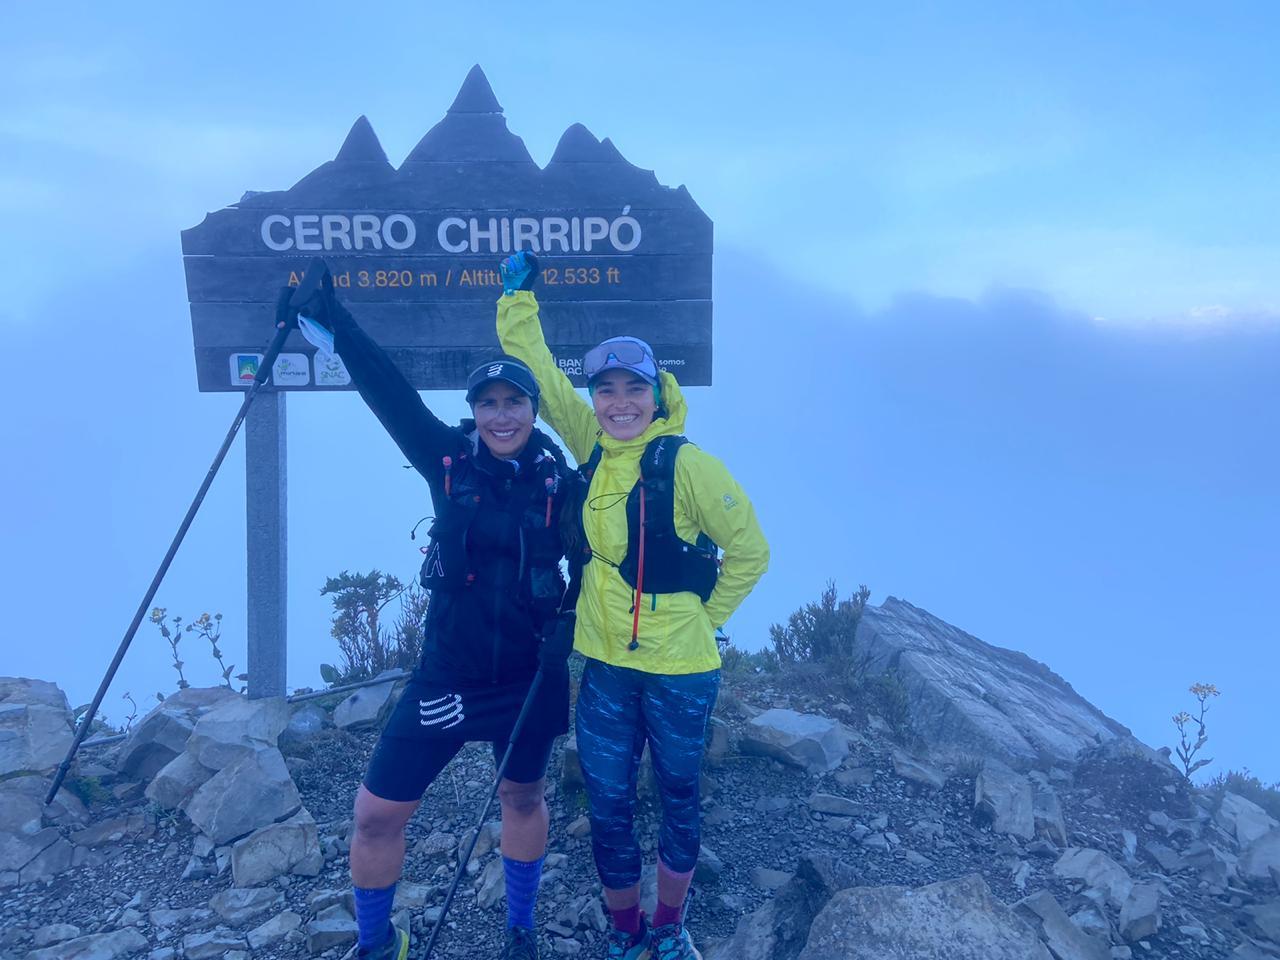 Deportistas cumplieron reto de llegar a la cima del Chirripó en menos de doce horas